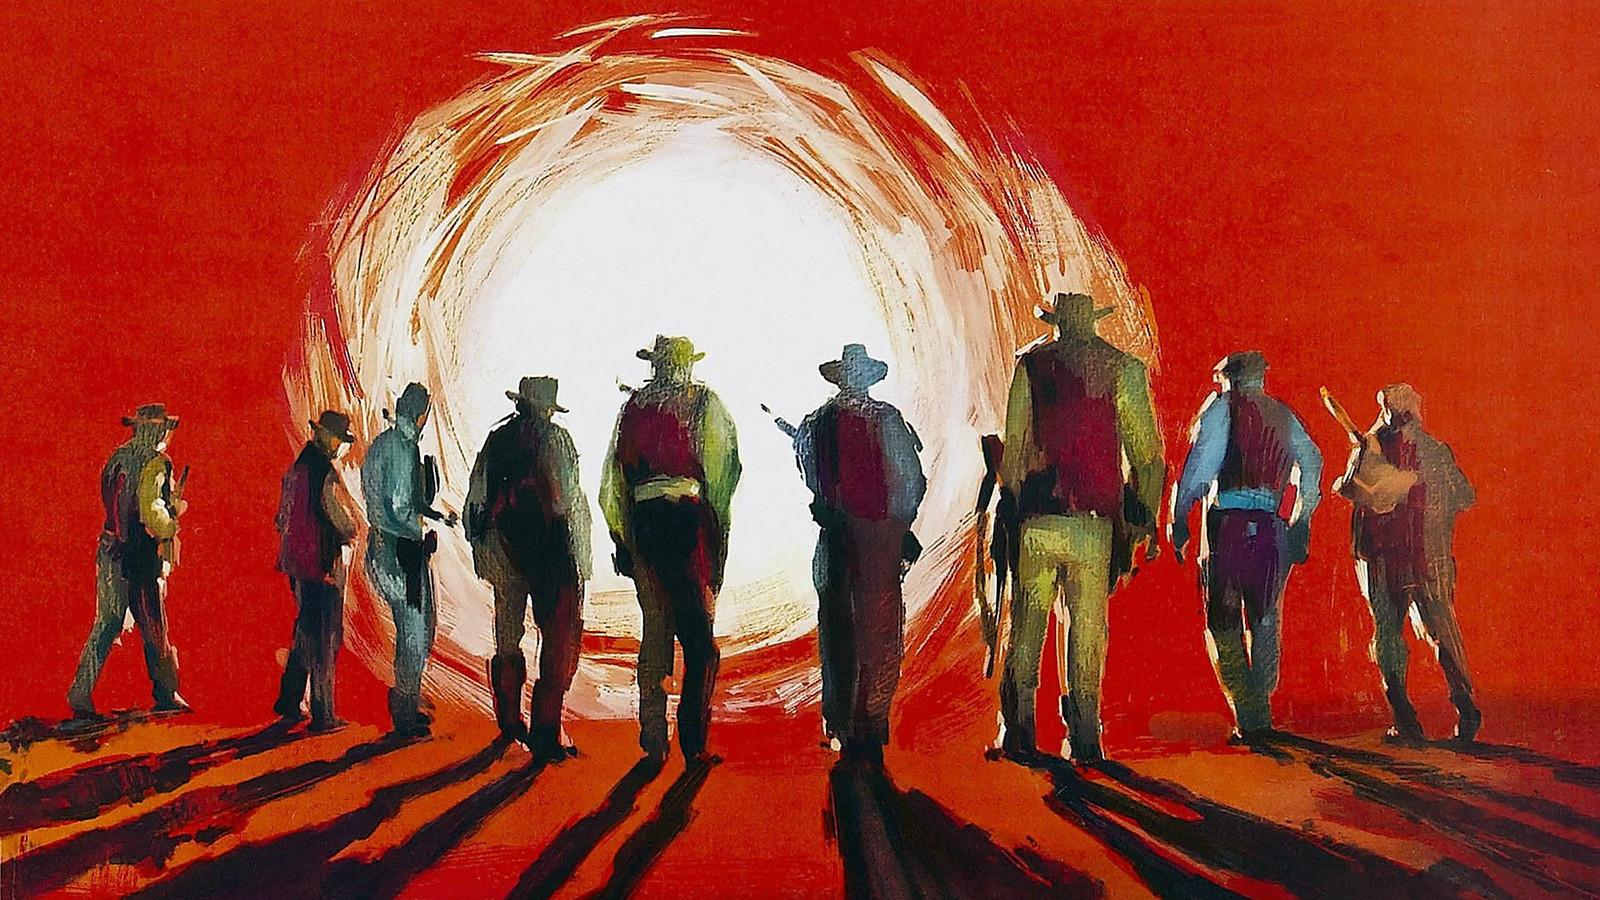 مل گیبسون  فیلم The Wild Bunchرا برای کمپانی دیزنی بازآفرینی میکند